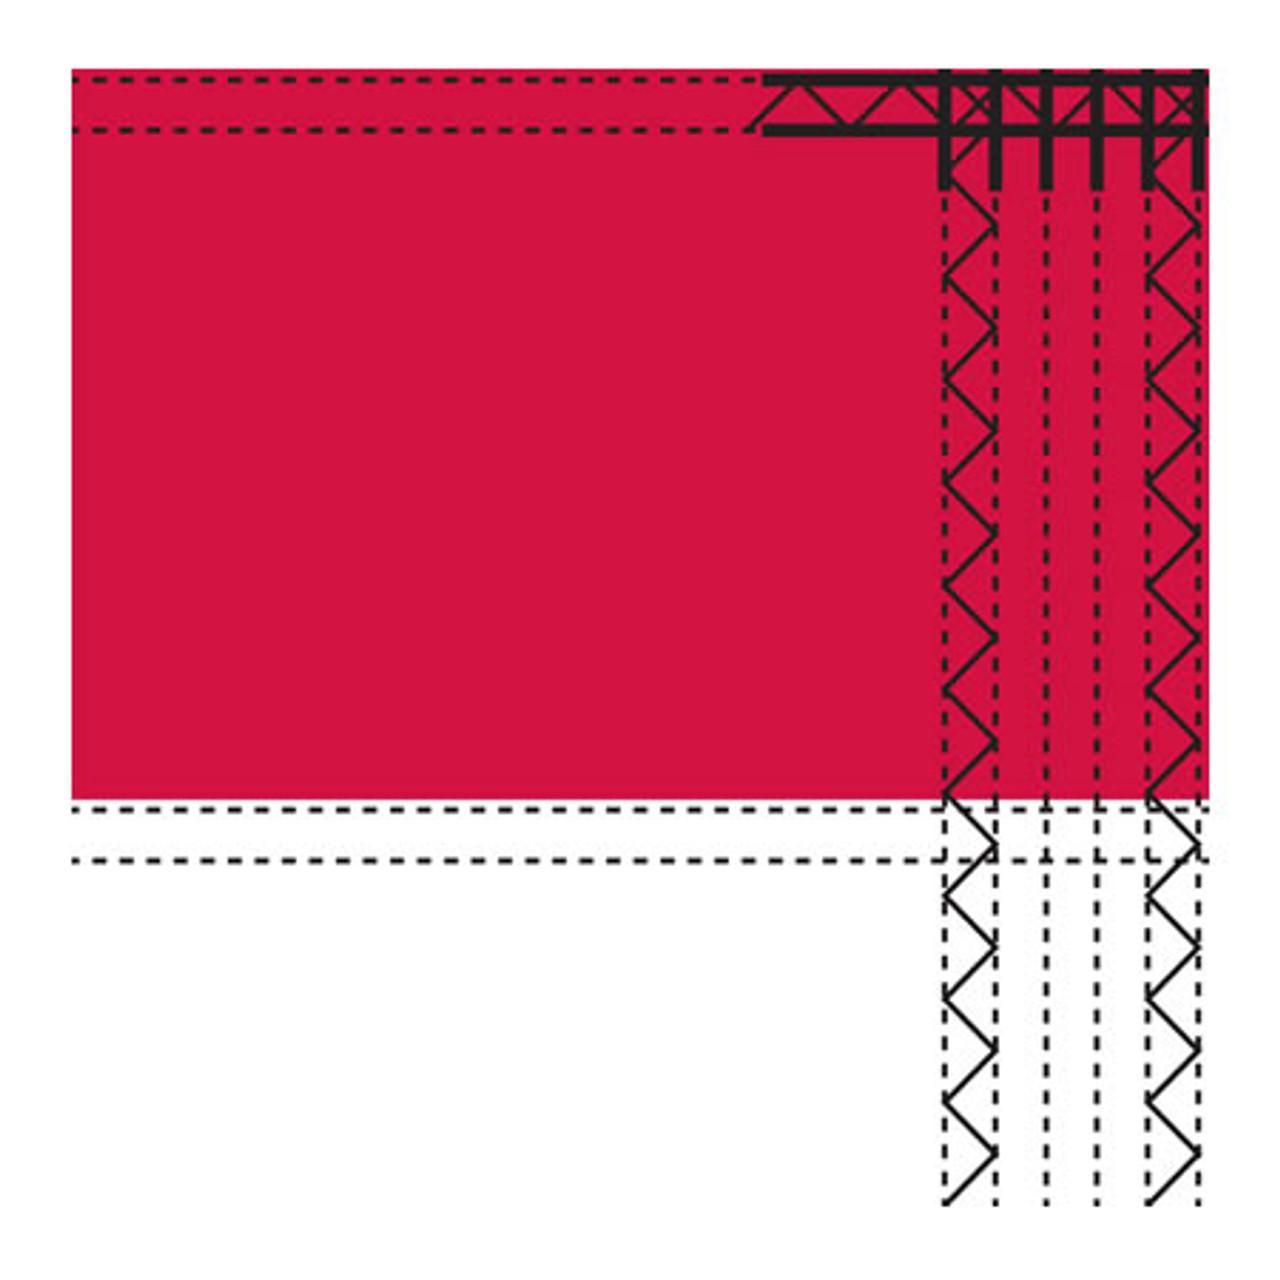 10' x 19' Nylon Texas Flag